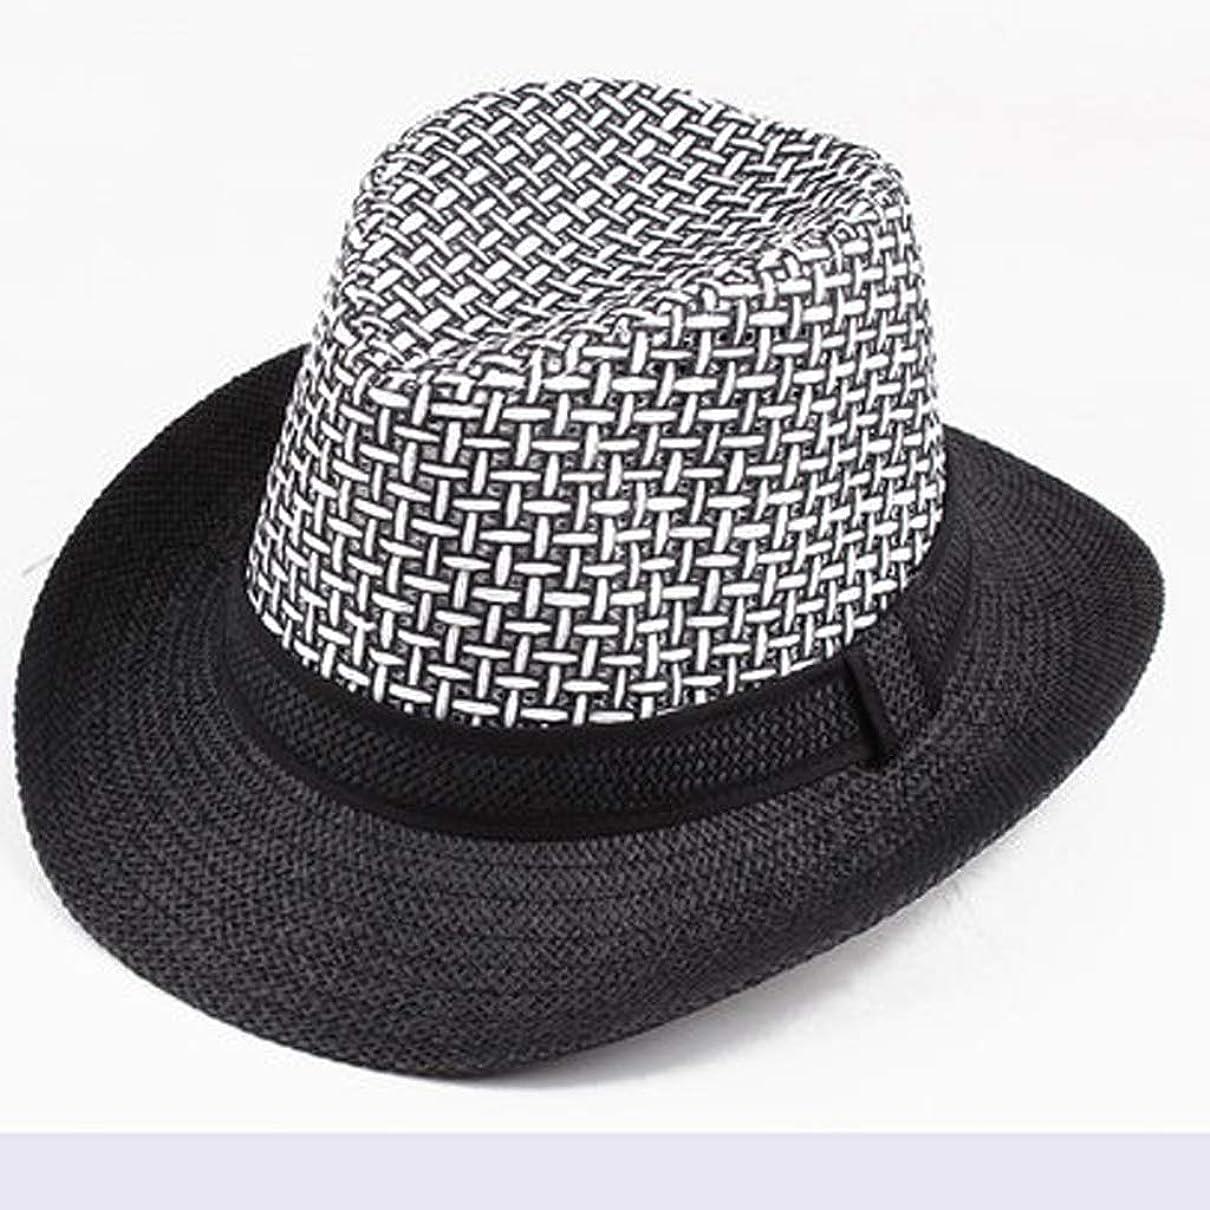 自動化努力かわすZFDM クールハット、麦わら帽子、通気性の太陽の帽子、男性の帽子、ライト、折りたたみ、旅行 (Color : 3)